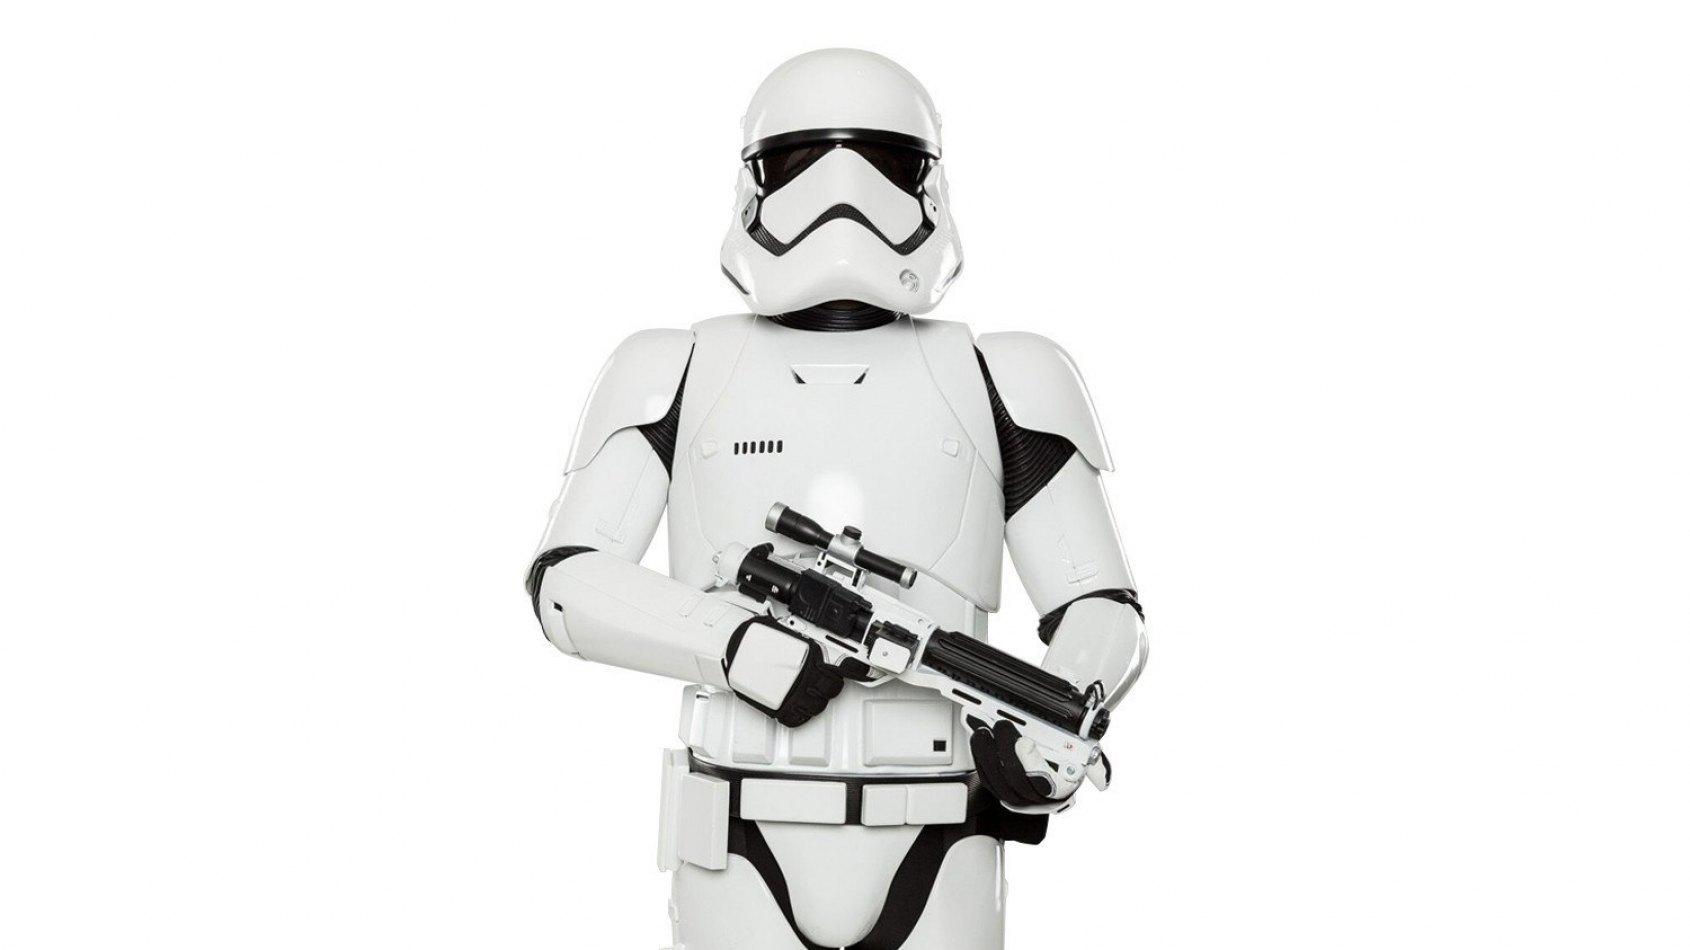 L'armure de stormtrooper du Premier Ordre par Anovos